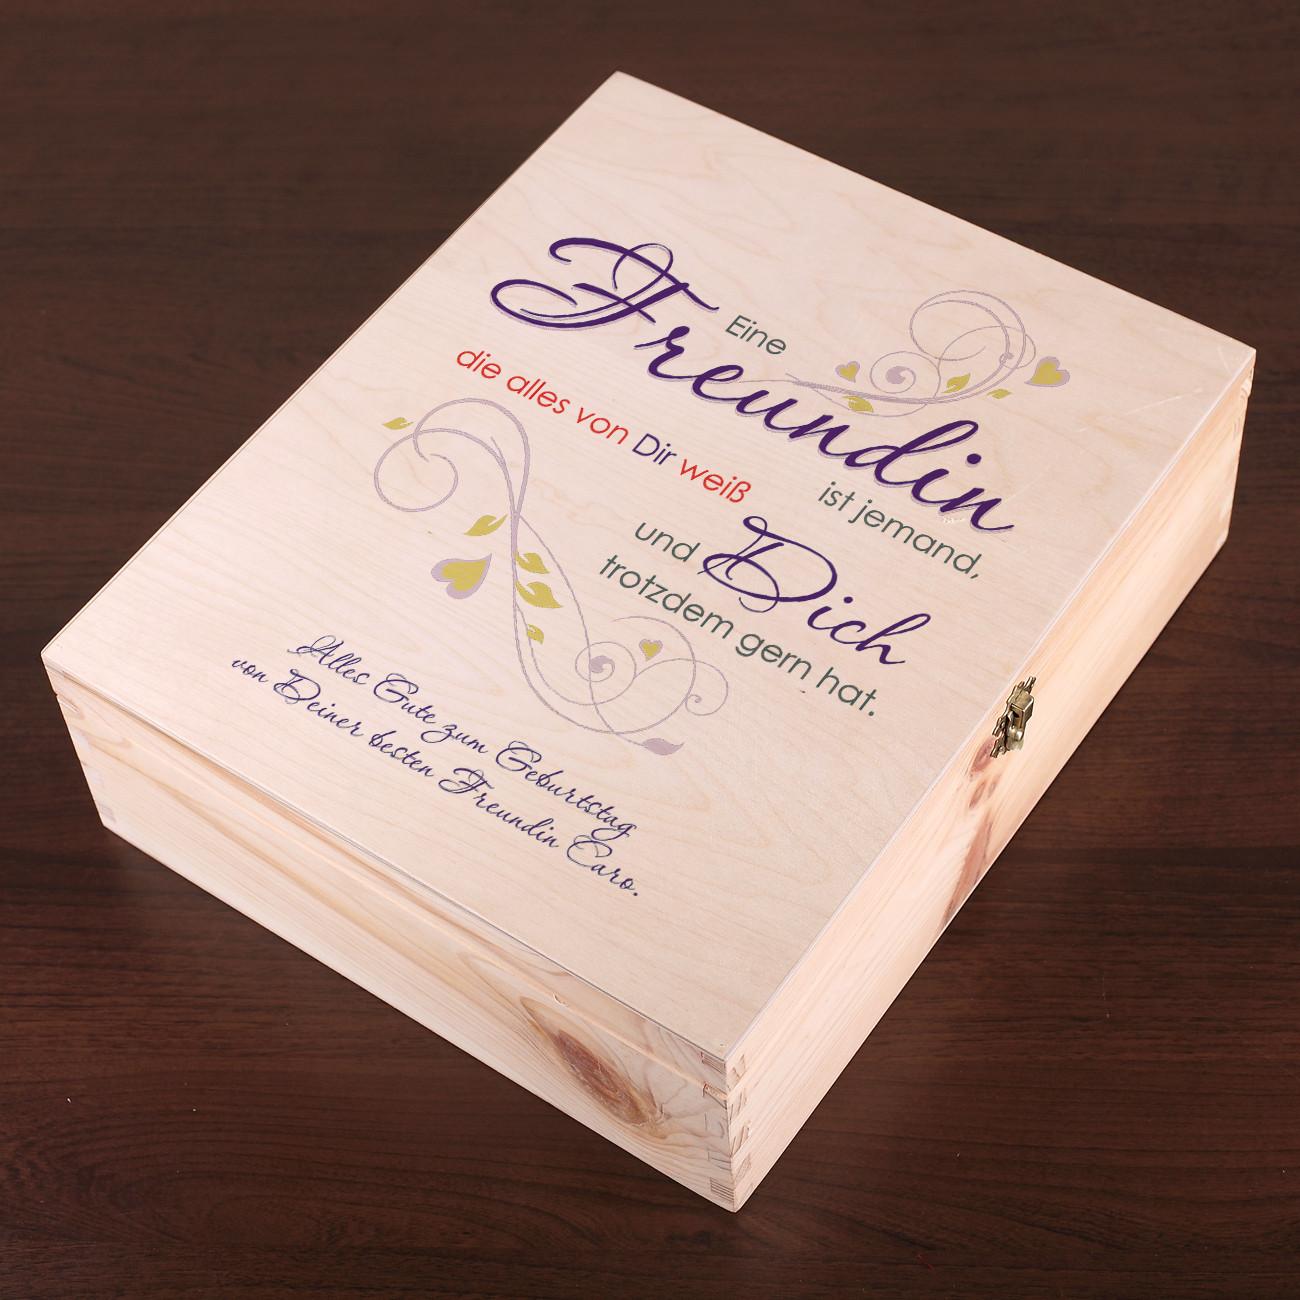 Persönliches Geschenk Für Freund  Geschenkverpackung aus Holz für beste Freundin